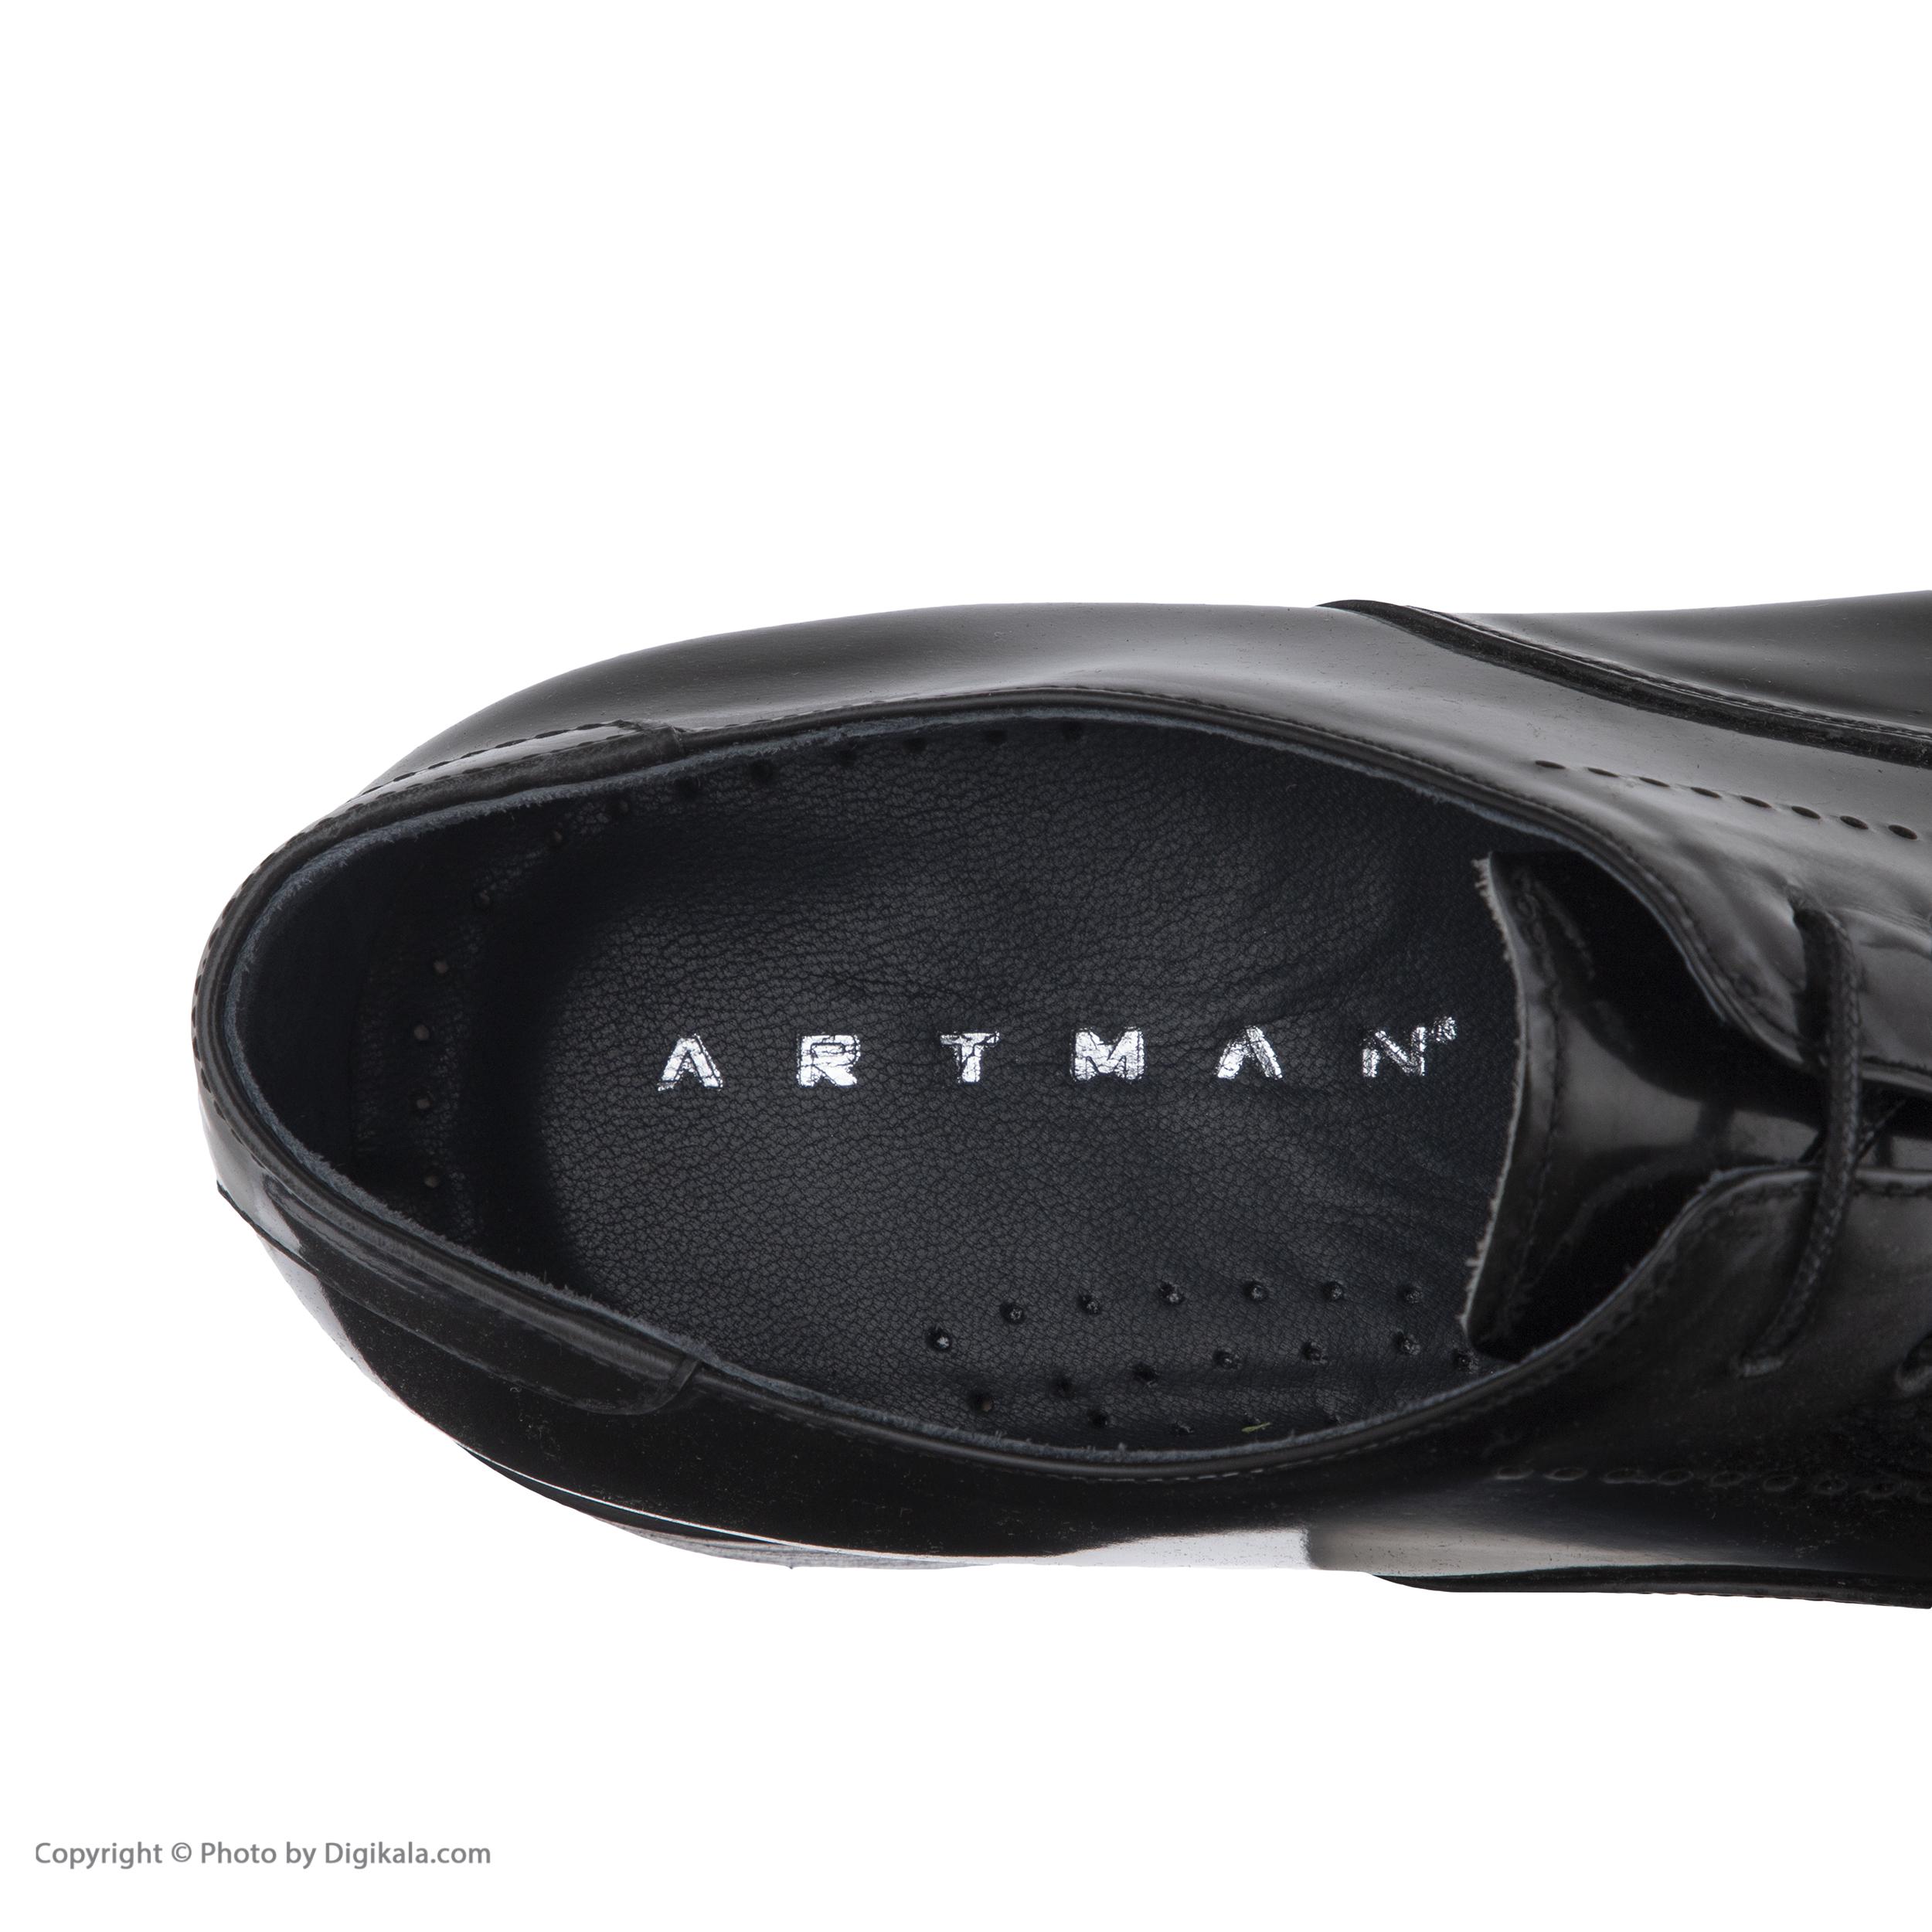 کفش مردانه آرتمن مدل Neo-41520 -  - 8